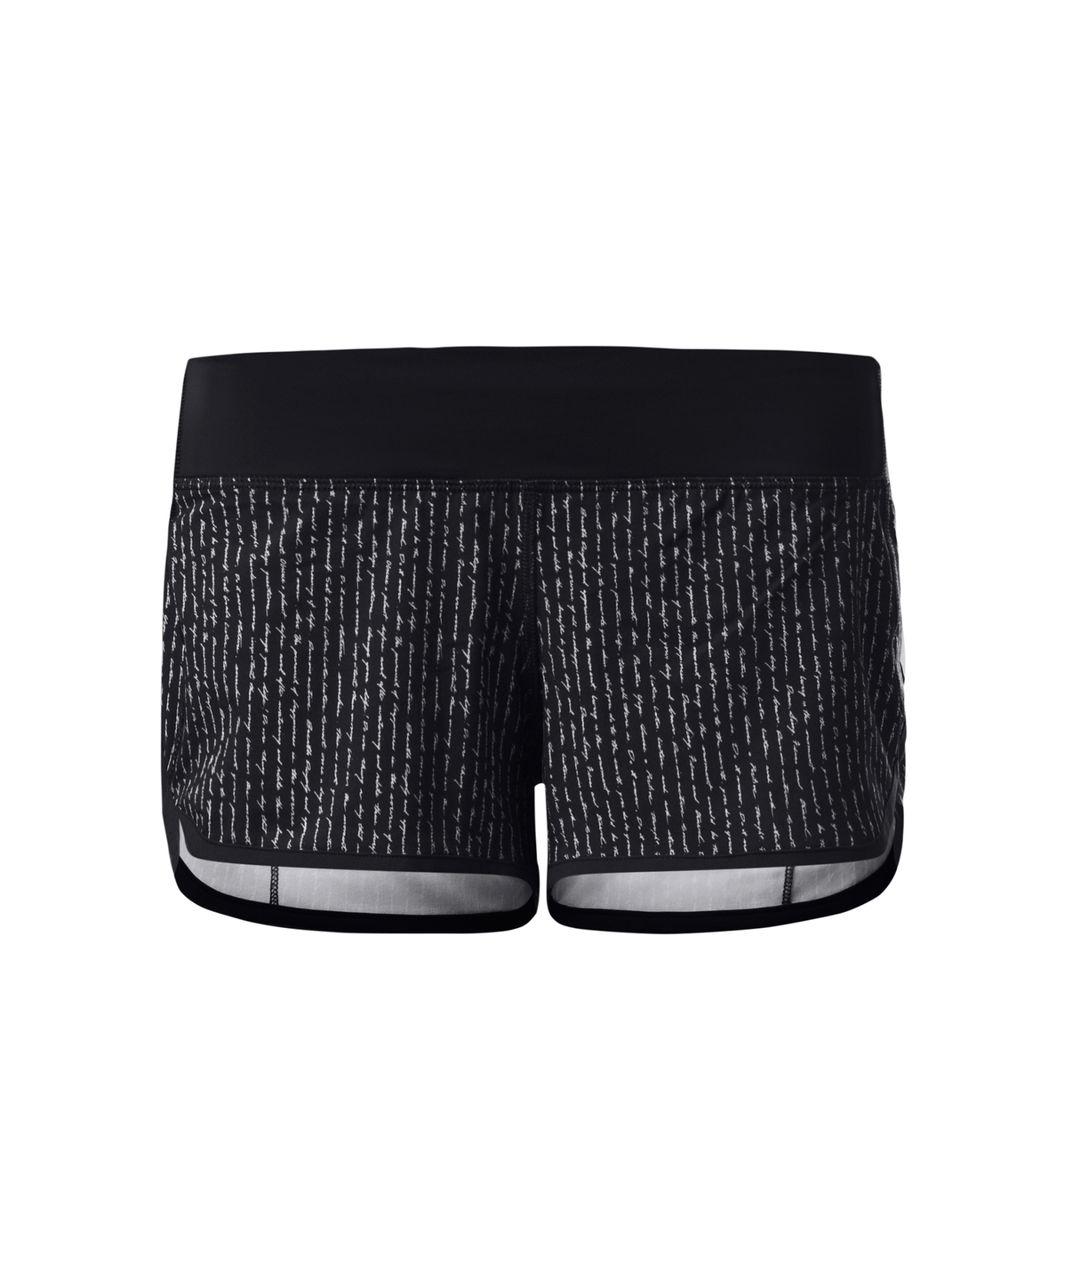 Lululemon Speed Short - Pinstripe Black White / Black